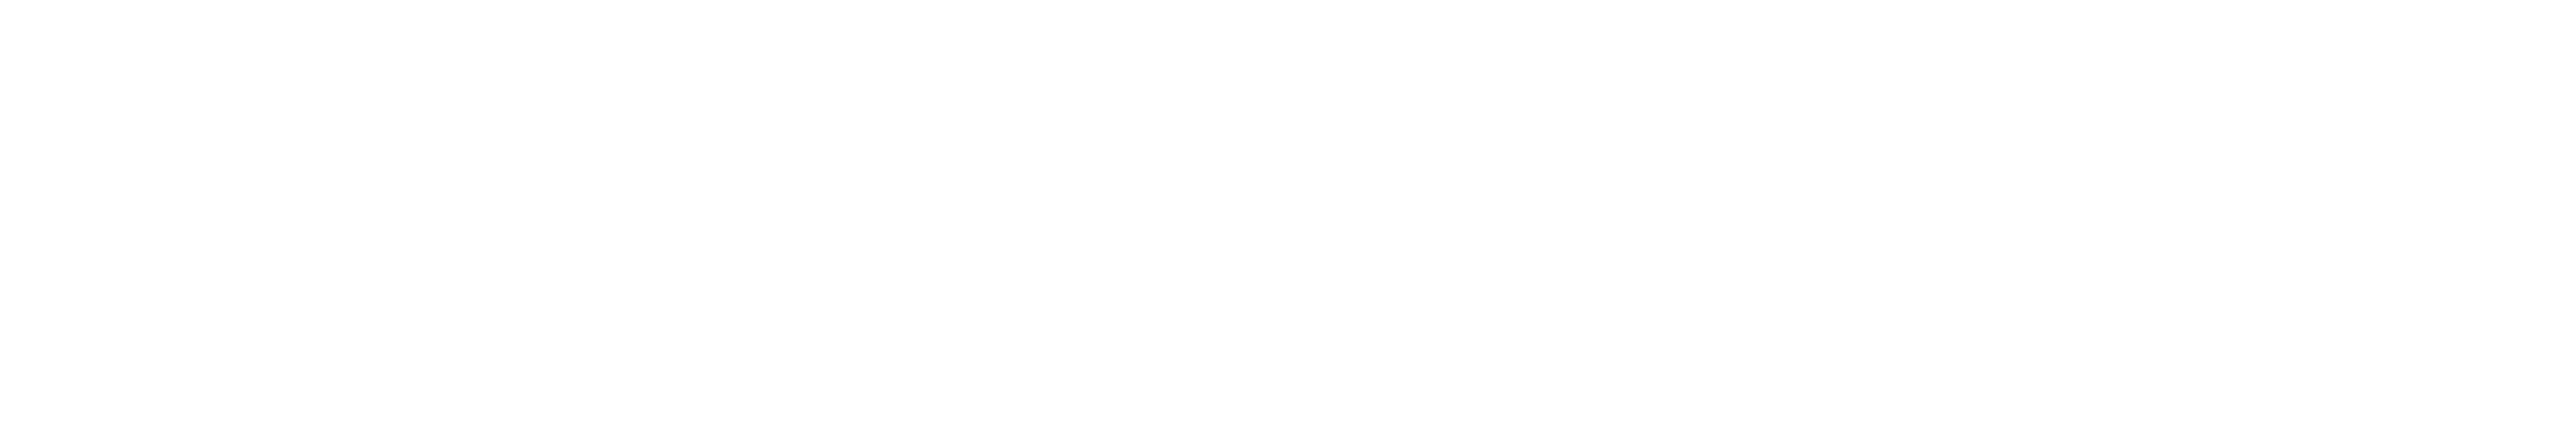 logo_inoltregliocchi-03.png